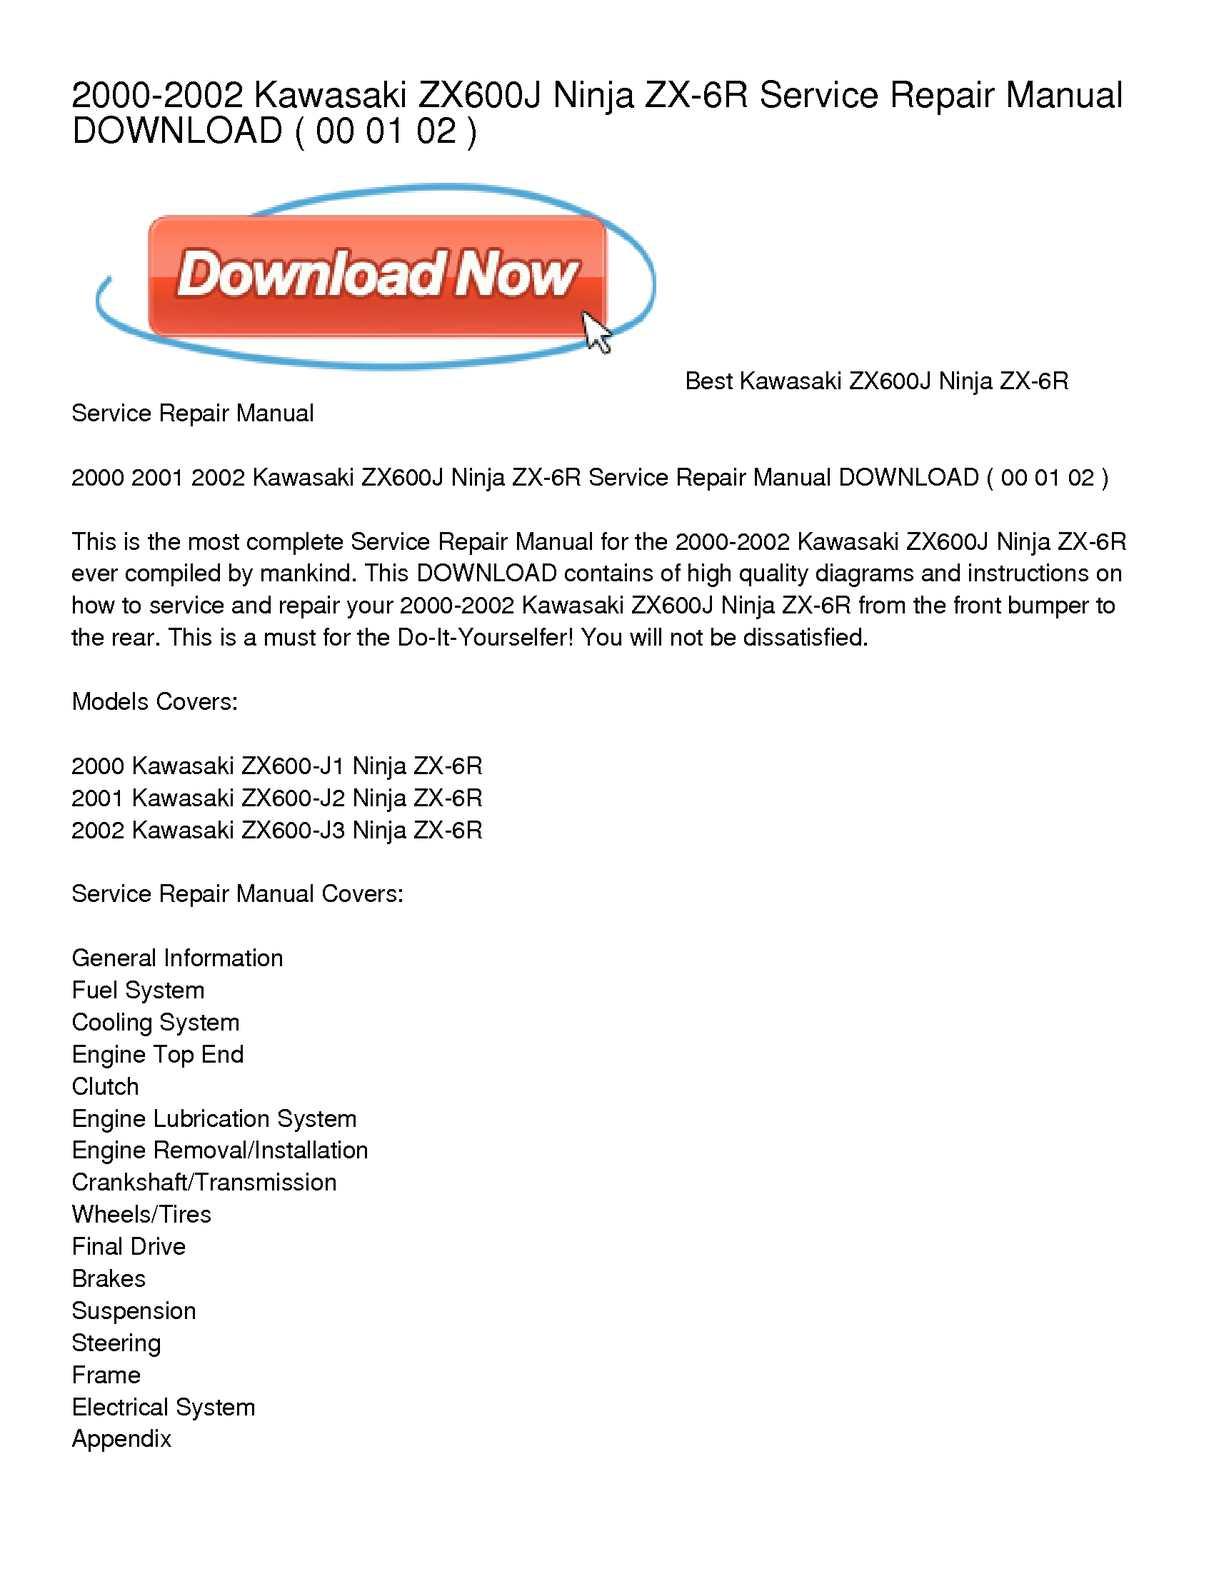 Calaméo - 2000-2002 Kawasaki ZX600J Ninja ZX-6R Service Repair Manual  DOWNLOAD